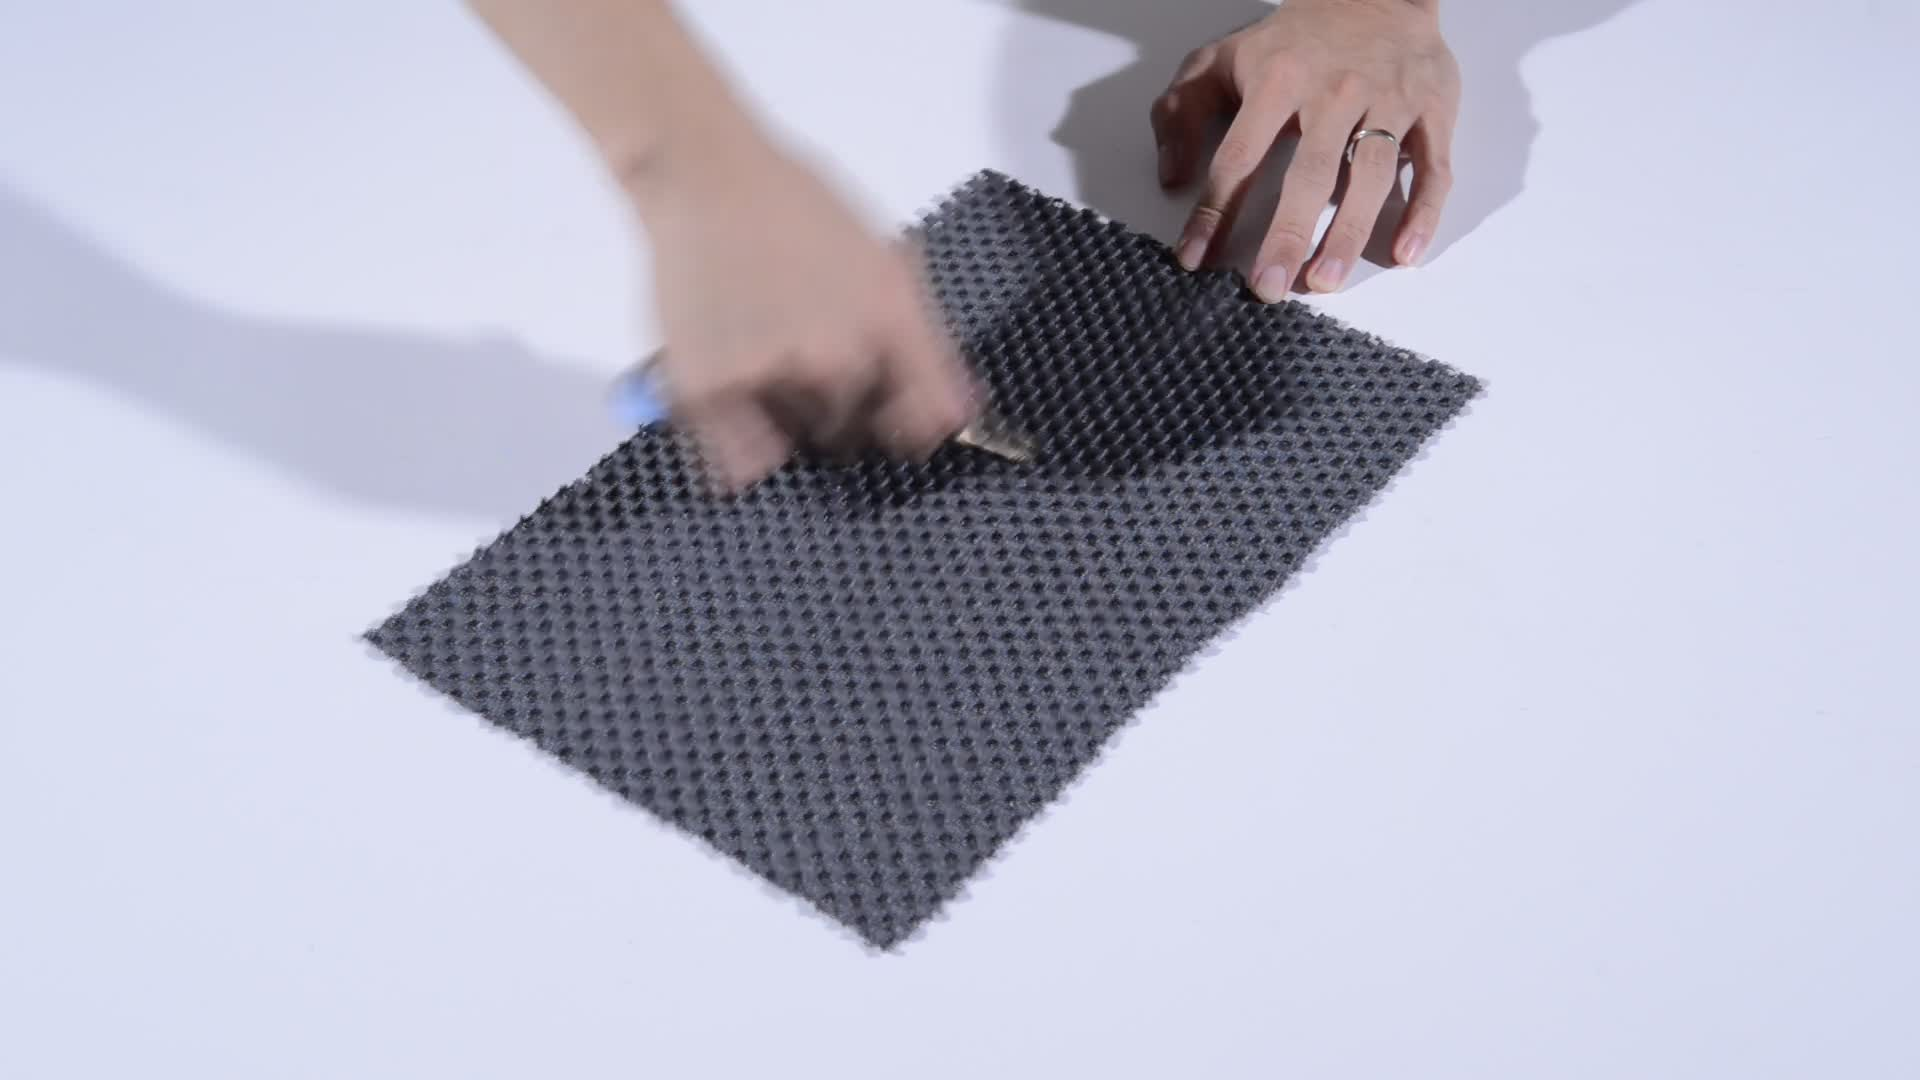 アンチスリップエコテックス認定冷却 3D ポリエステルエアメッシュ生地のため Anran からベビーカークッションテキスタイル